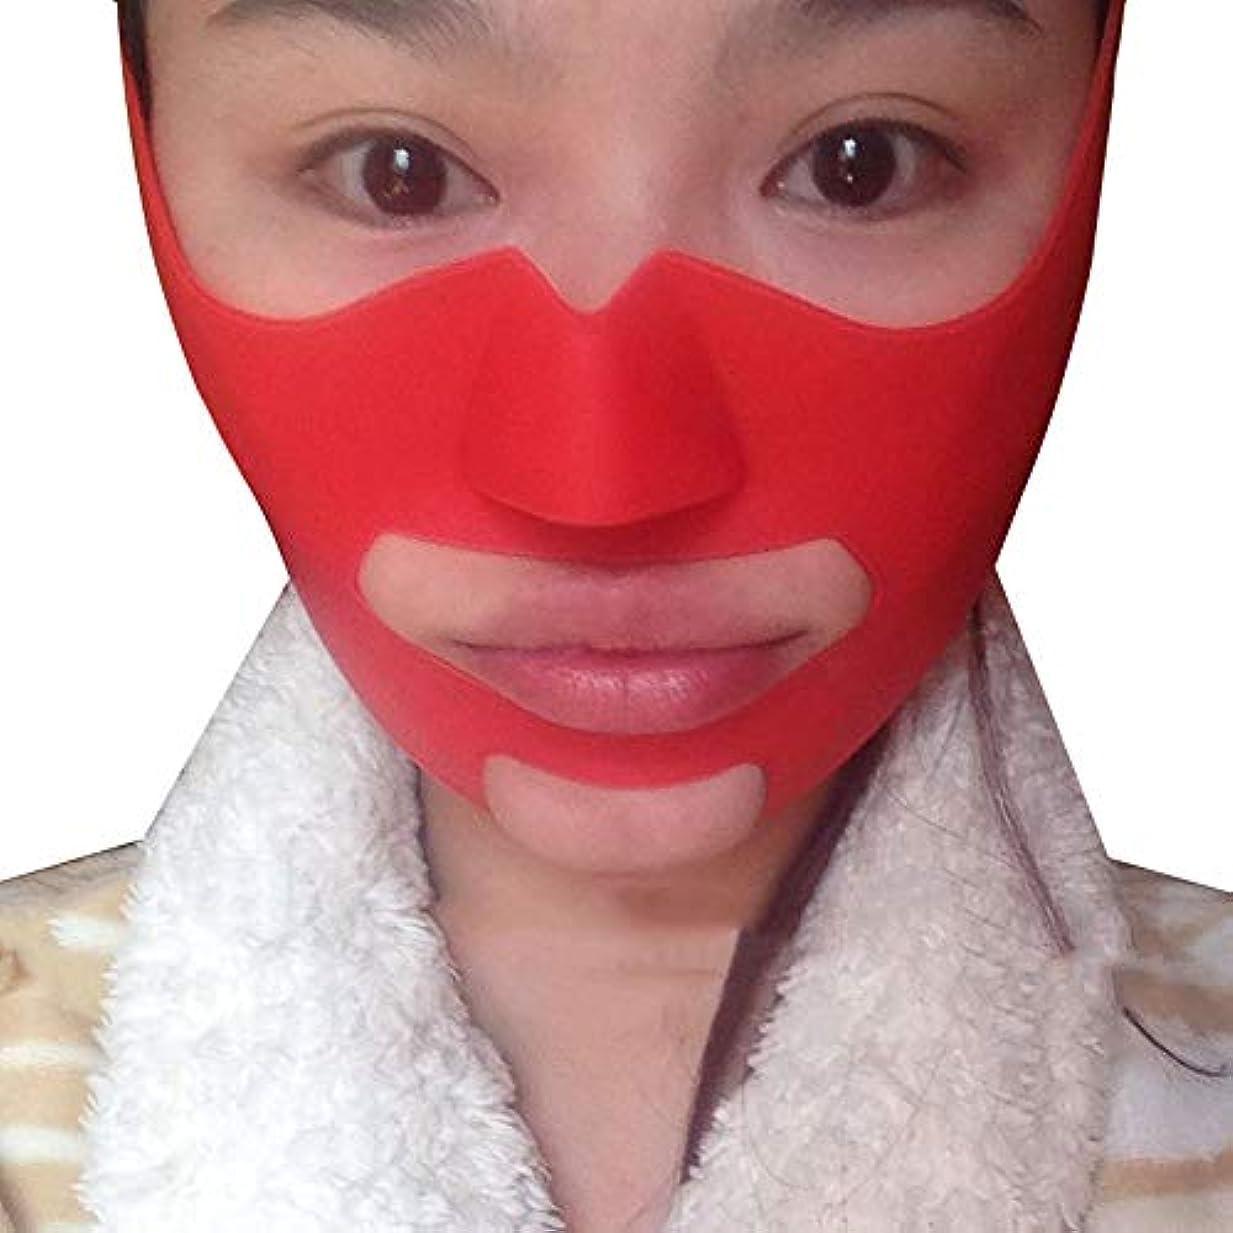 心配する要旨ブラシスモールV顔アーティファクト、法柄細身の顔面絆創膏/(赤)